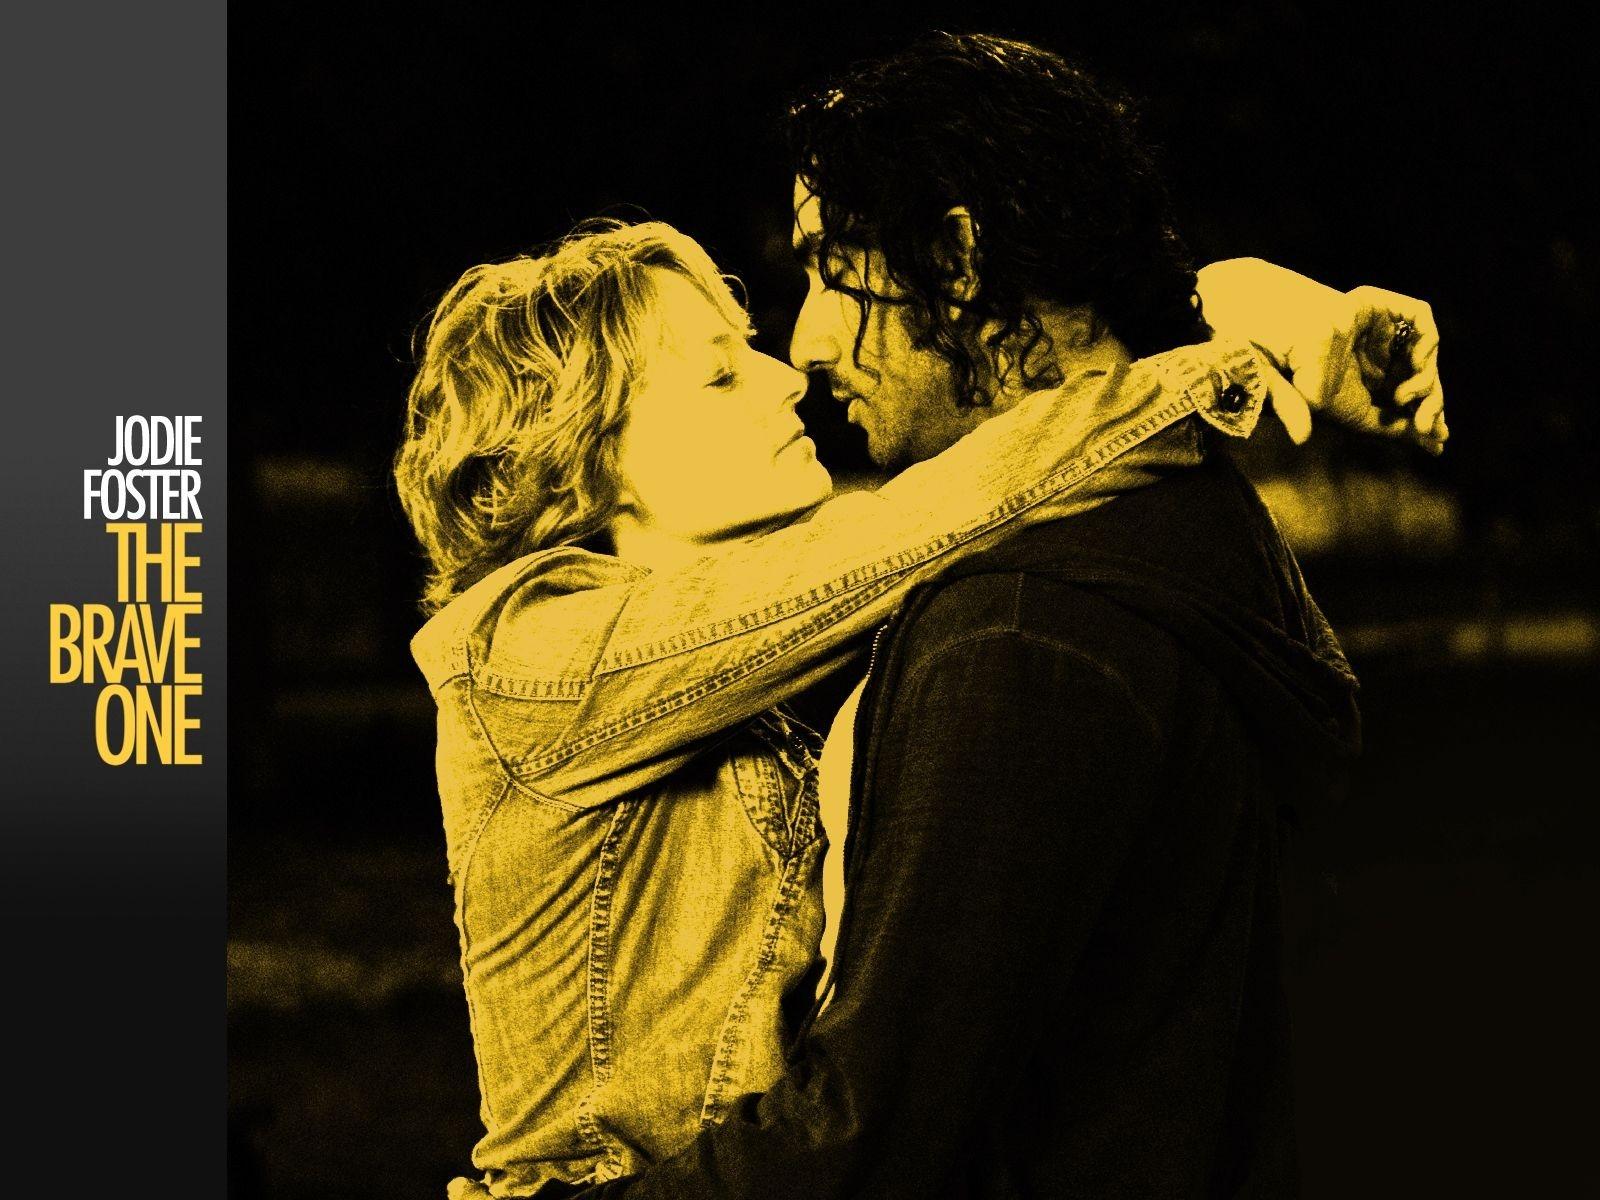 Wallpaper del film Il buio nell'anima con Jodie Foster e Naveen Andrews